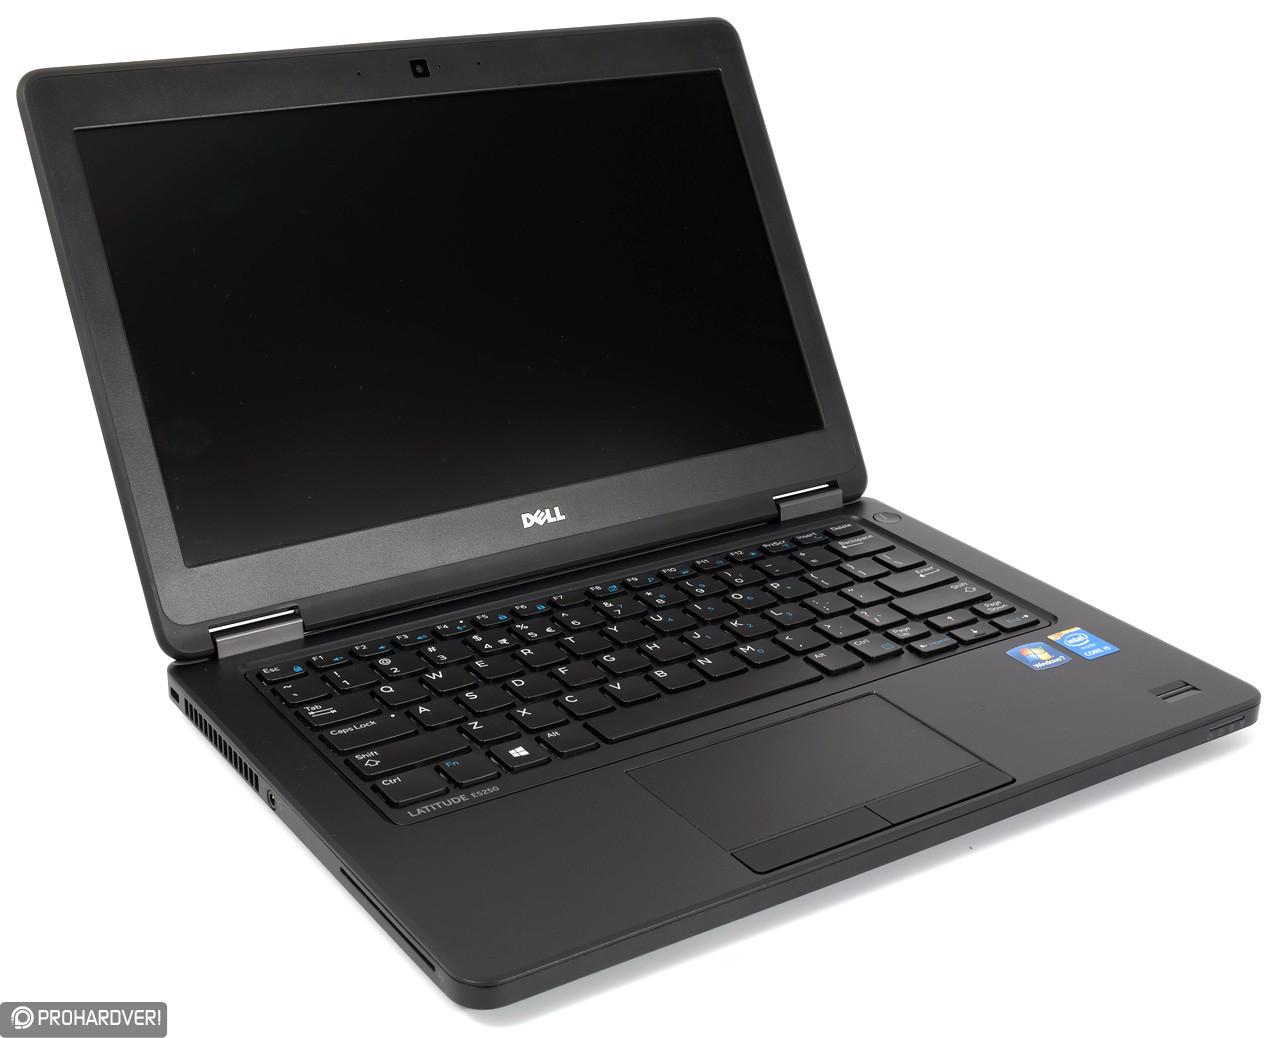 Dell Latitude E5450 Laptop Cover